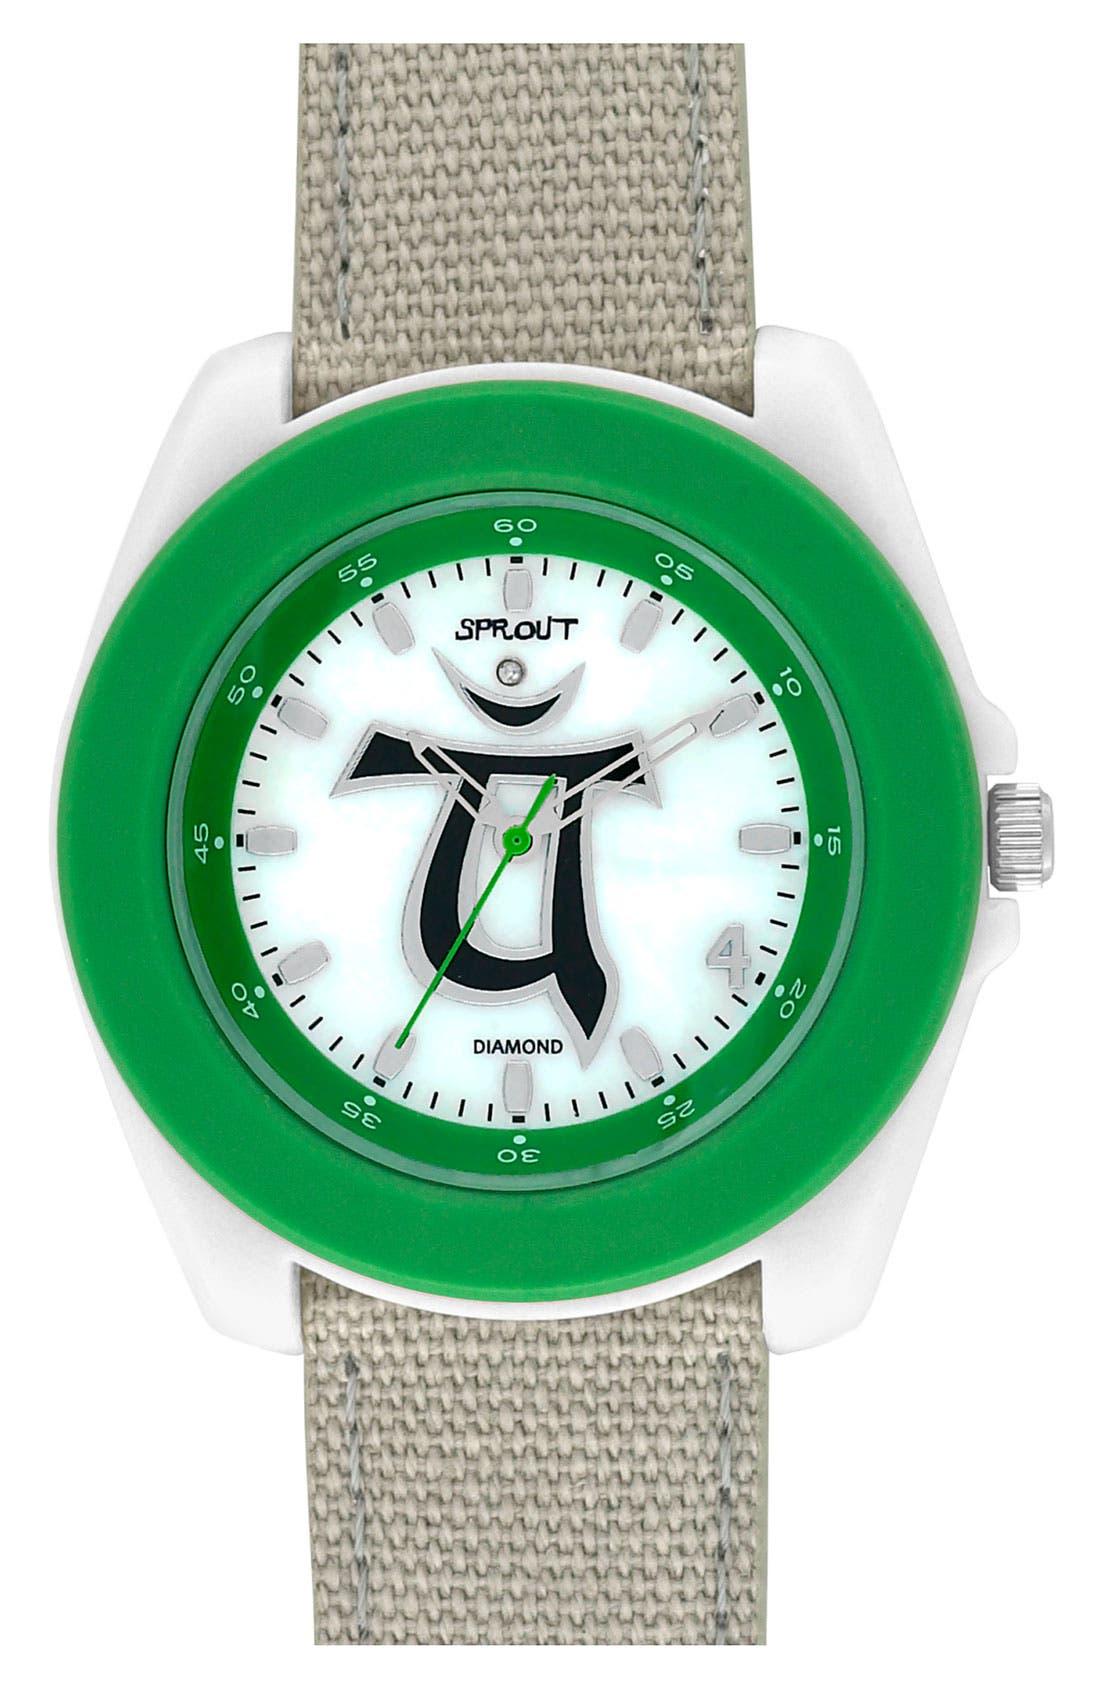 Main Image - SPROUT™ Watches 'Chakra' Diamond Organic Strap Watch, 44mm